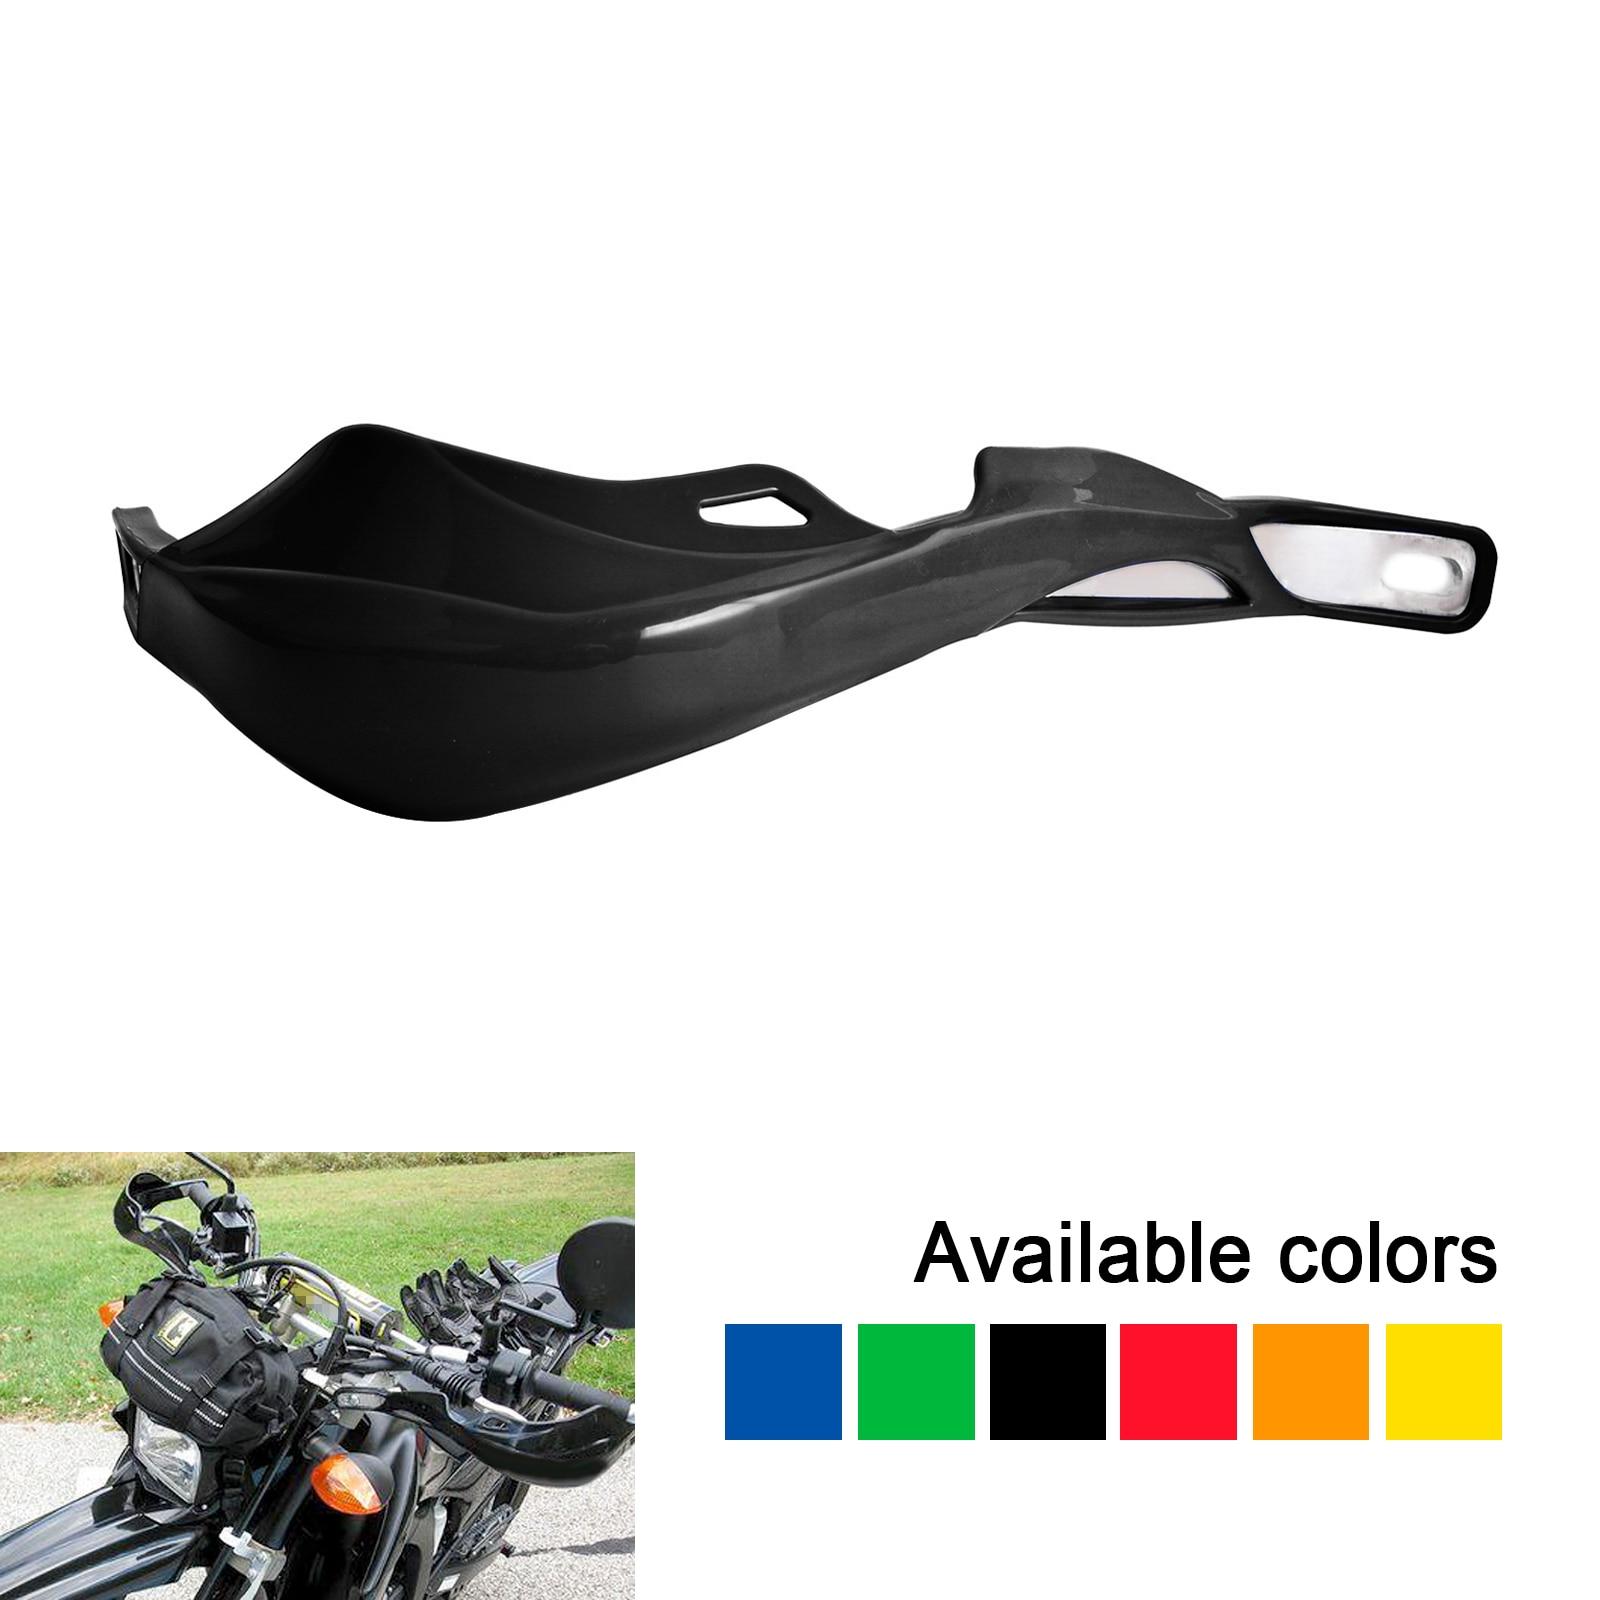 28mm Stuur Handguard Handbescherming Protector Bescherming Motorfiets - Motoraccessoires en onderdelen - Foto 6